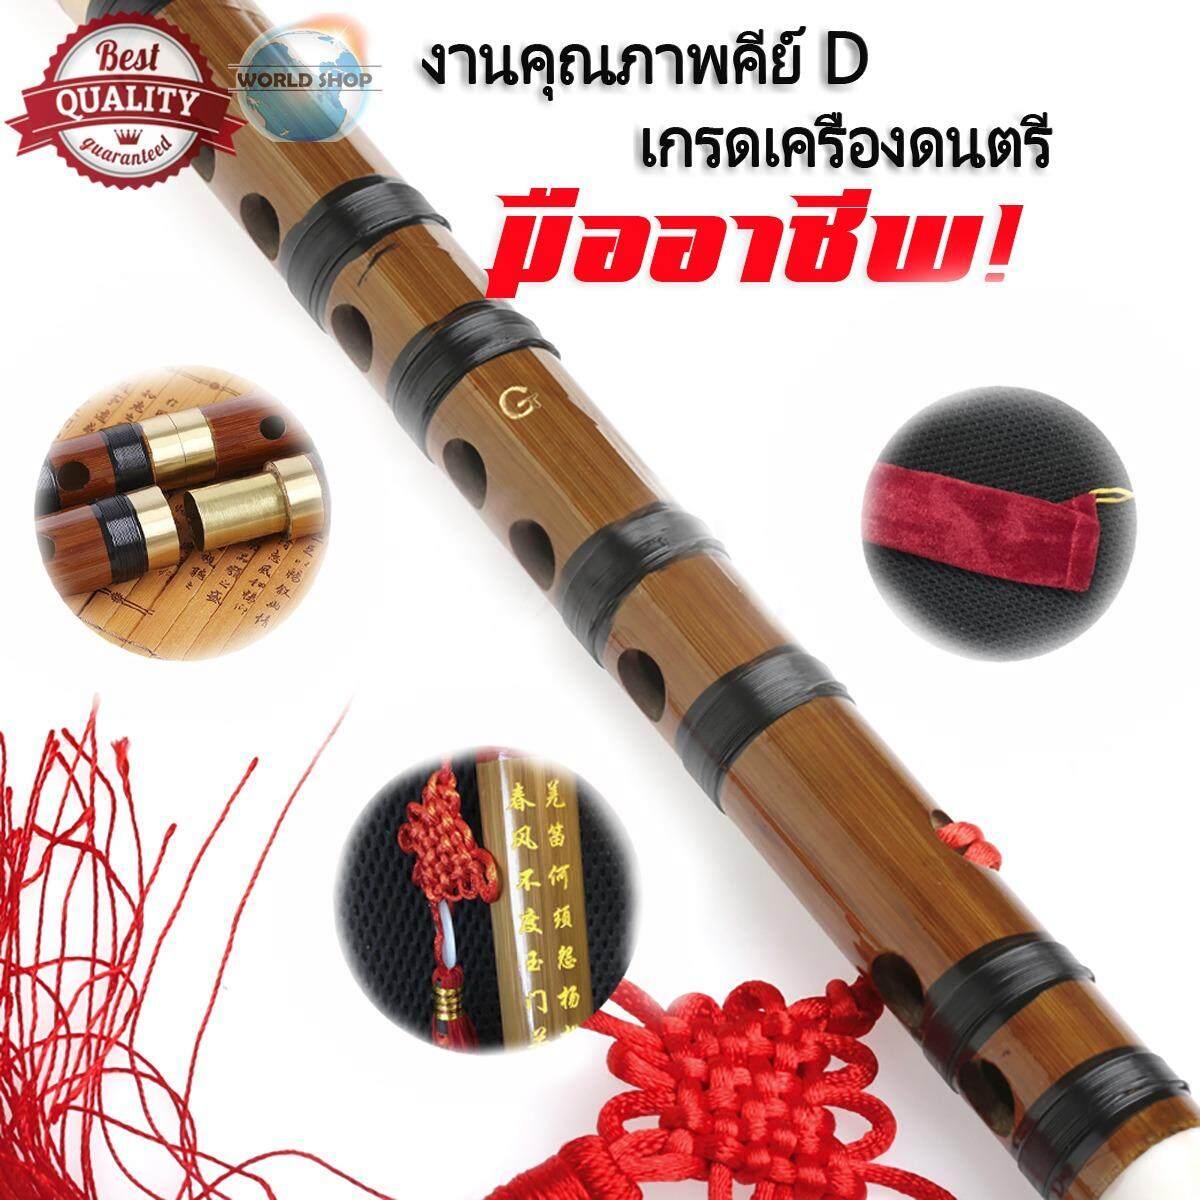 ซื้อ ขลุ่ยไม้ไผ่จีน คีย์ D ขลุ่ย คุณภาพเสียงไพเราะ ช่วยให้การเป่าขลุ่ยดีเยี่ยมยิ่งขึ้น Bamboo Flute In D Key ออนไลน์